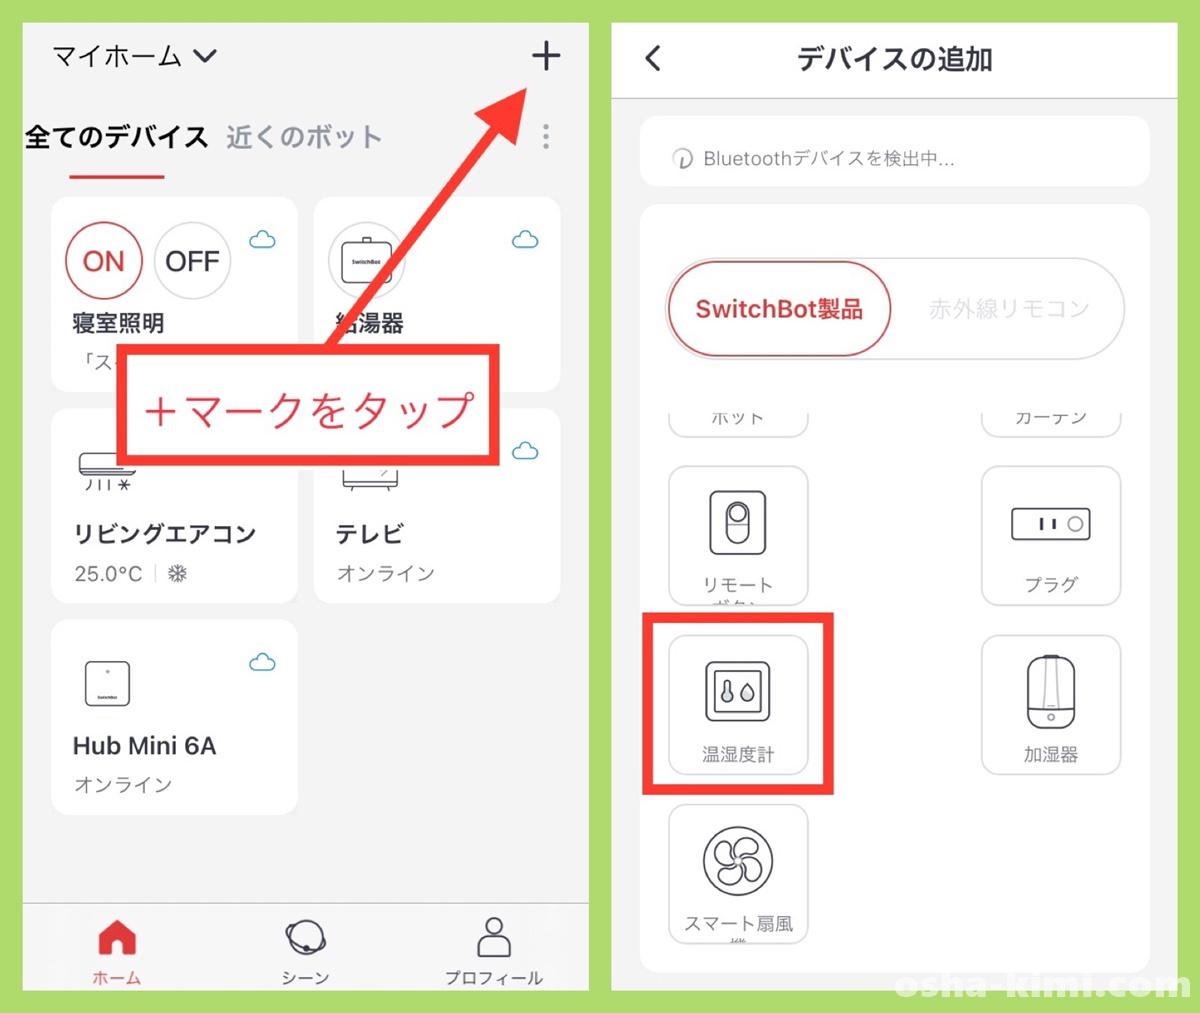 デバイスの追加手順、ホームの右上[+]をタップ。デバイスの追加画面で[温湿度計]をタップ